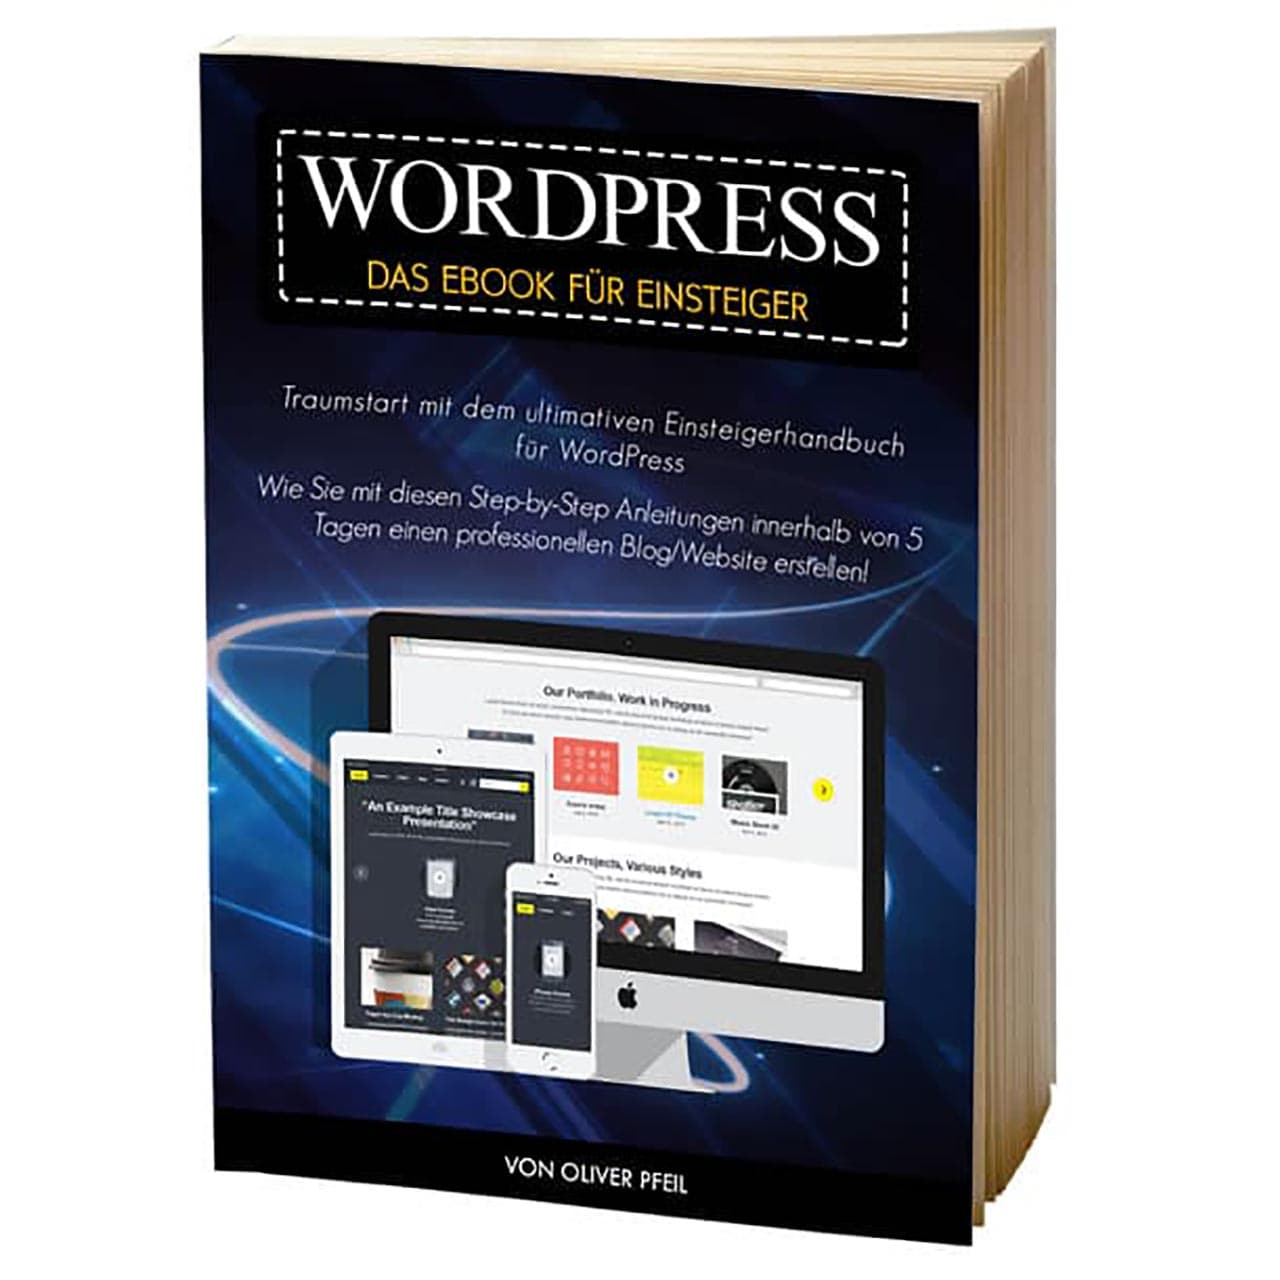 WordPress Anleitung für Einsteiger von Oliver Pfeil [E-Book]